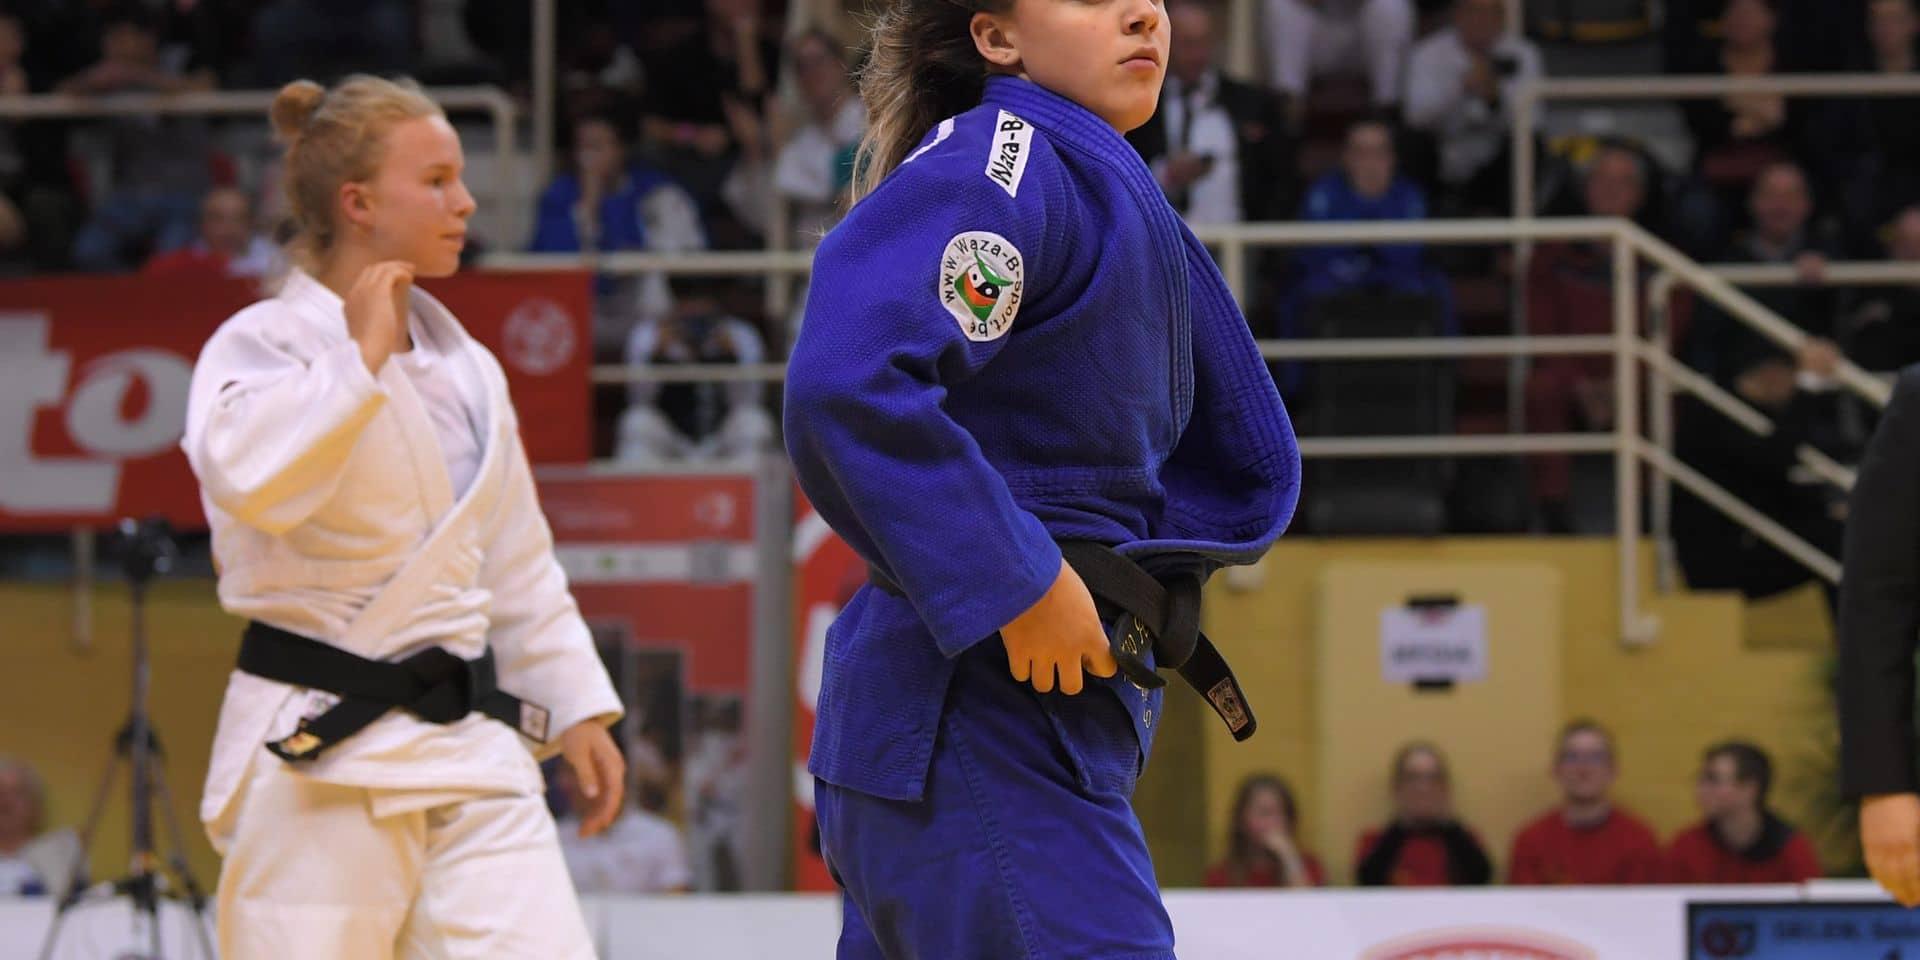 La poisse pour l'équipe belge : l'Euro de judo -20 ans sans Umayev, Corrao, Dejace…